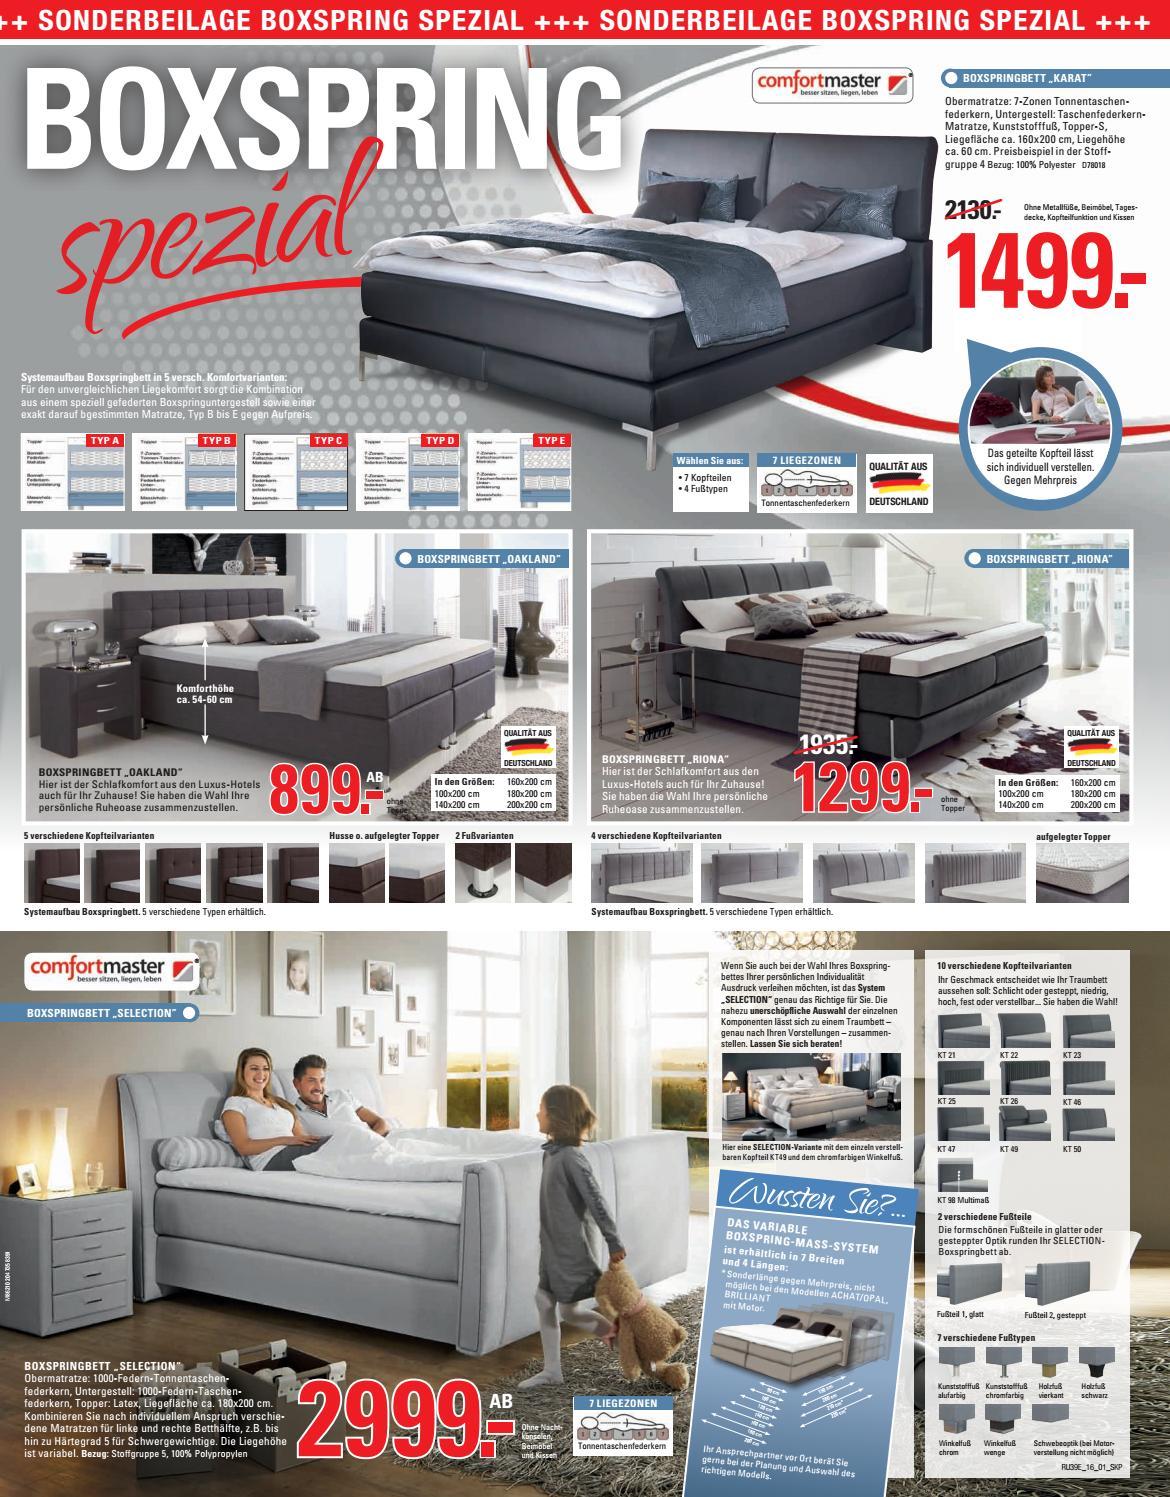 moebel rundel einleger kw39 by russmedia digital gmbh issuu. Black Bedroom Furniture Sets. Home Design Ideas